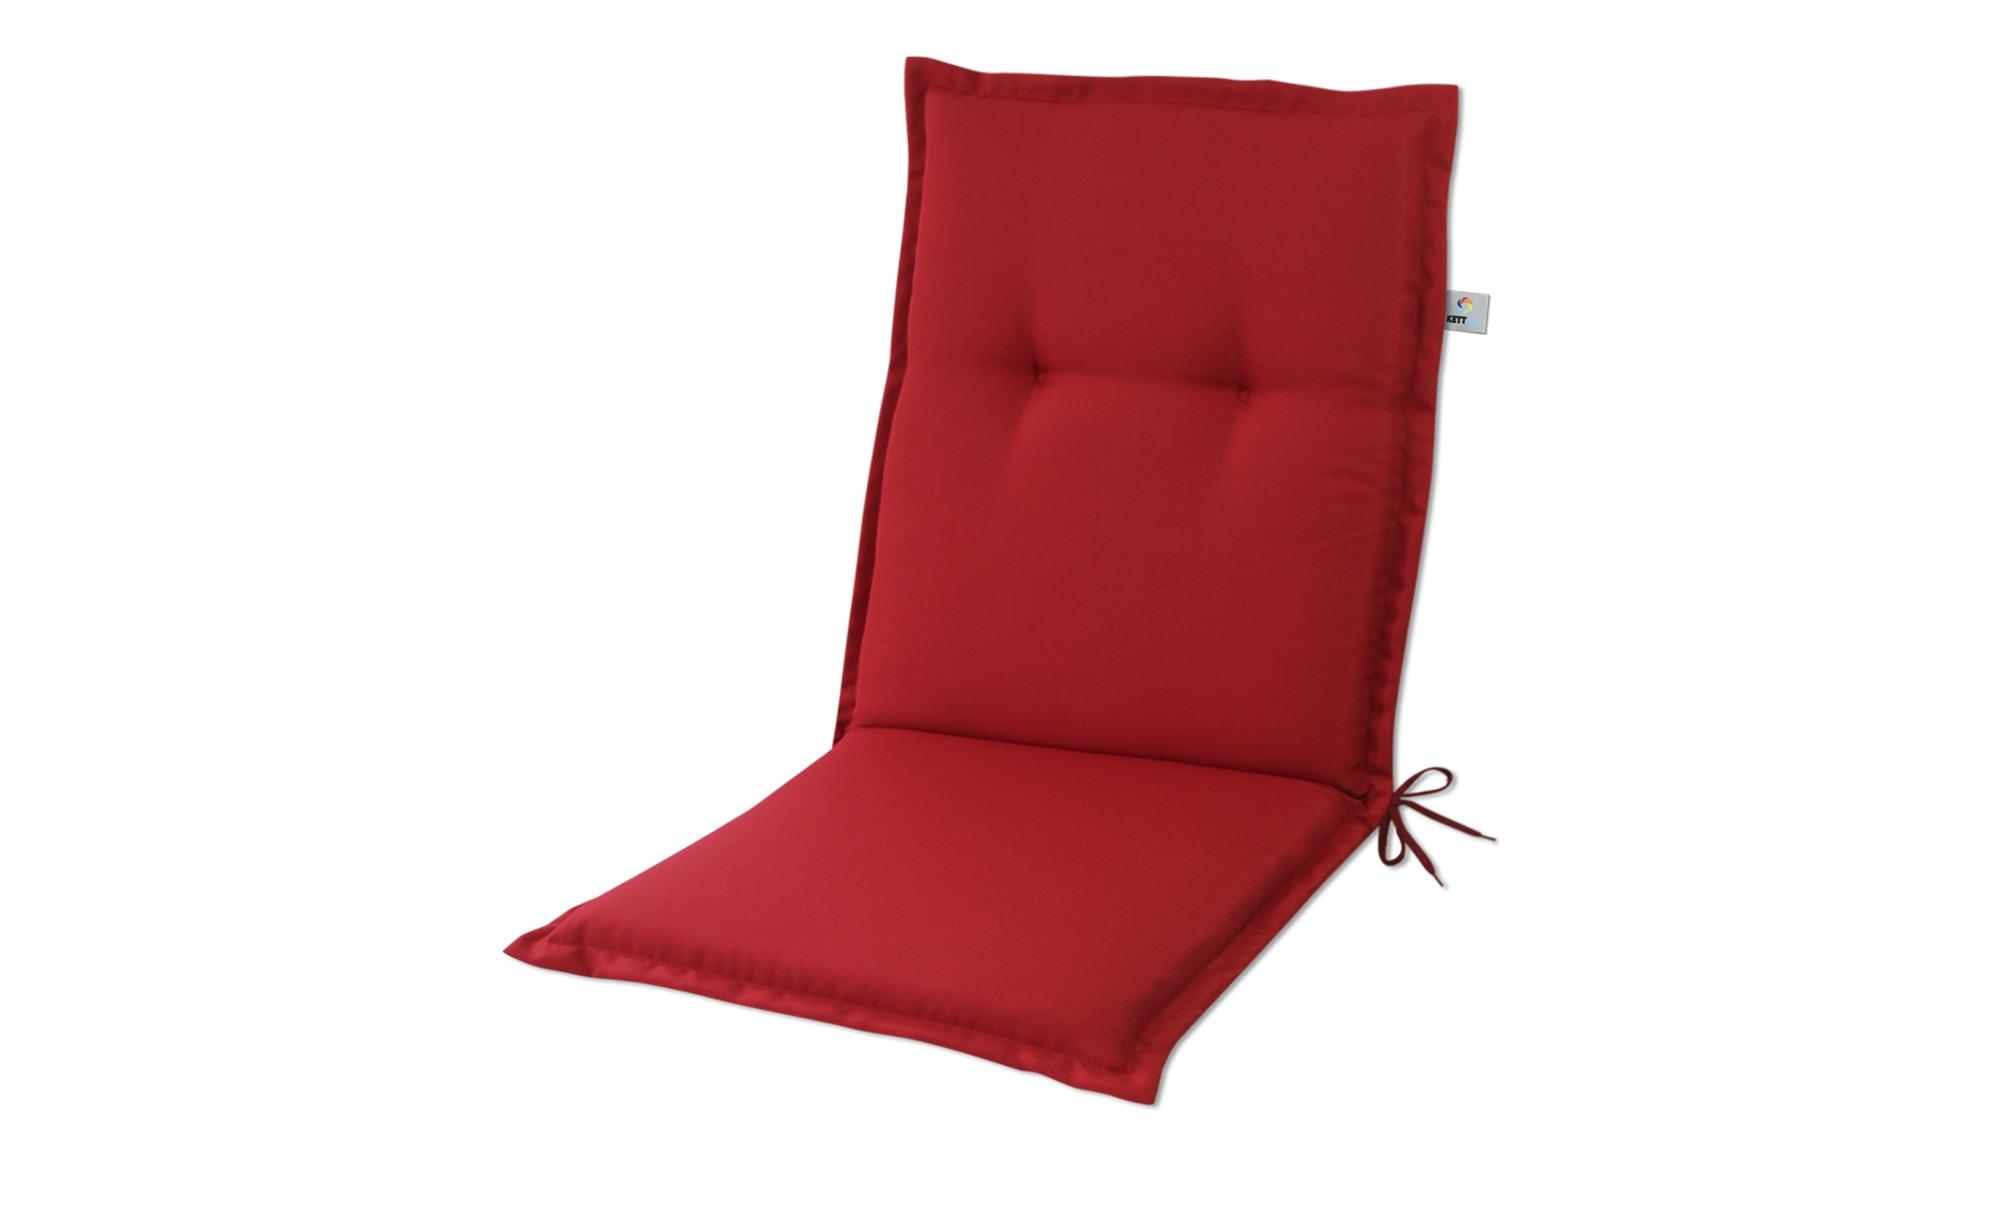 KETTLER Polska Auflage  Linda Tango Rot ¦ rot ¦ Maße (cm): B: 50 H: 6 Garten > Auflagen & Kissen > Niederlehner-Auflagen - Höffner